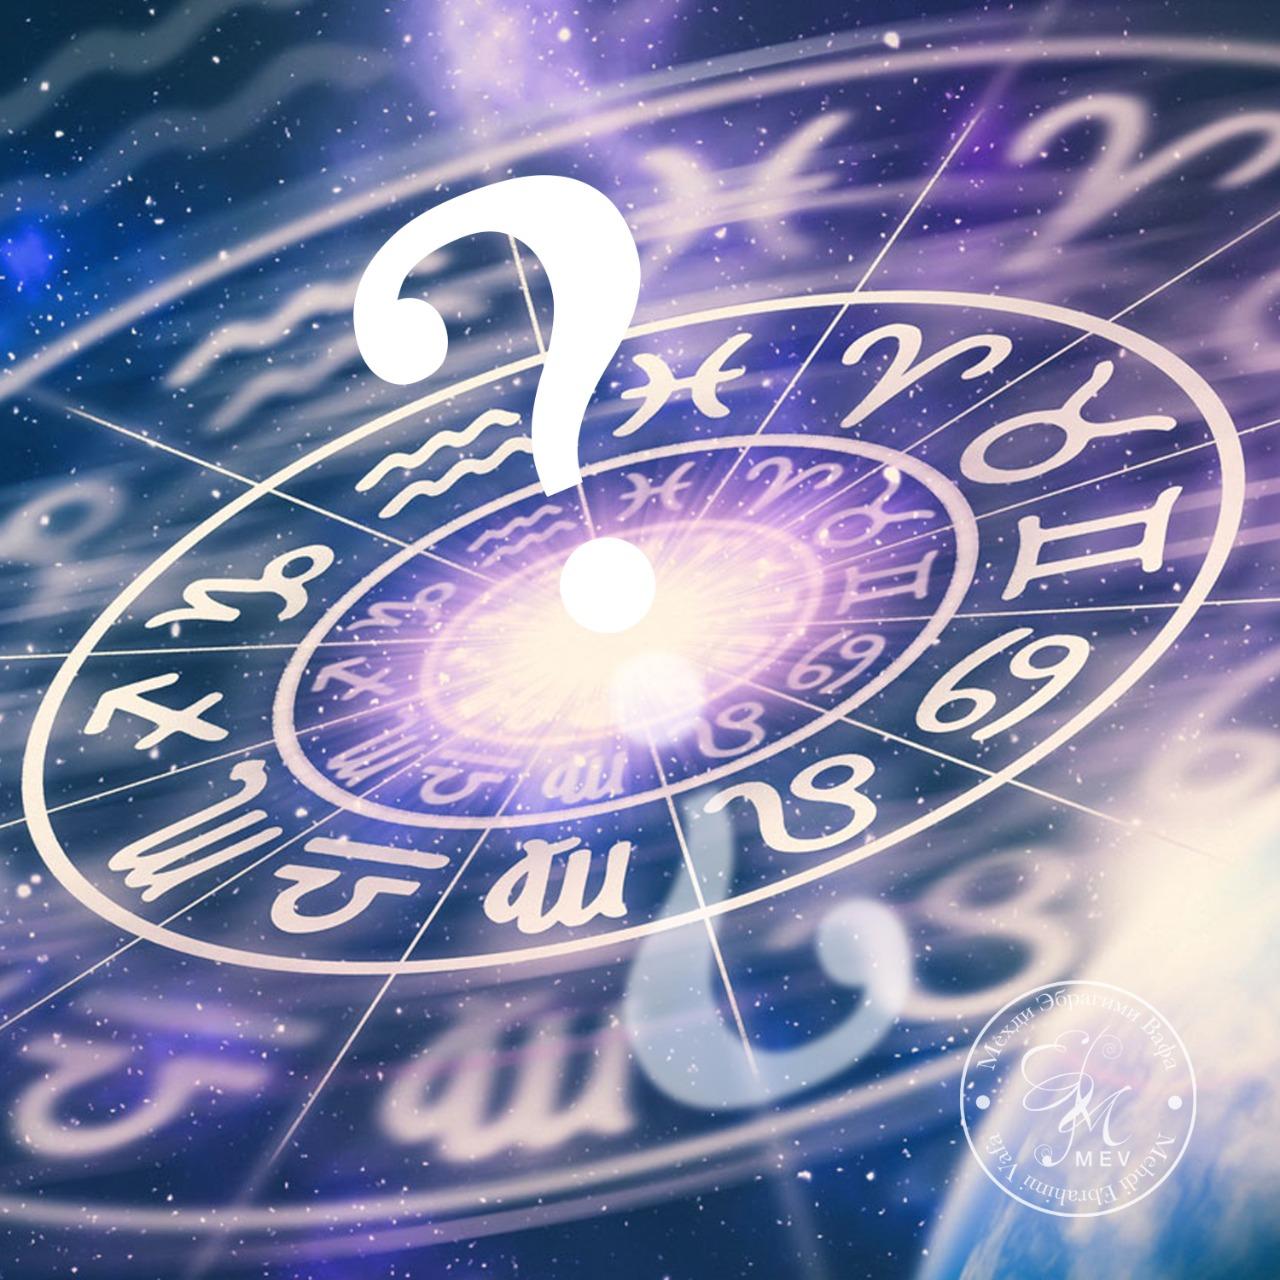 Экстрасенс Мехди: Как знаки зодиака влияют на судьбу